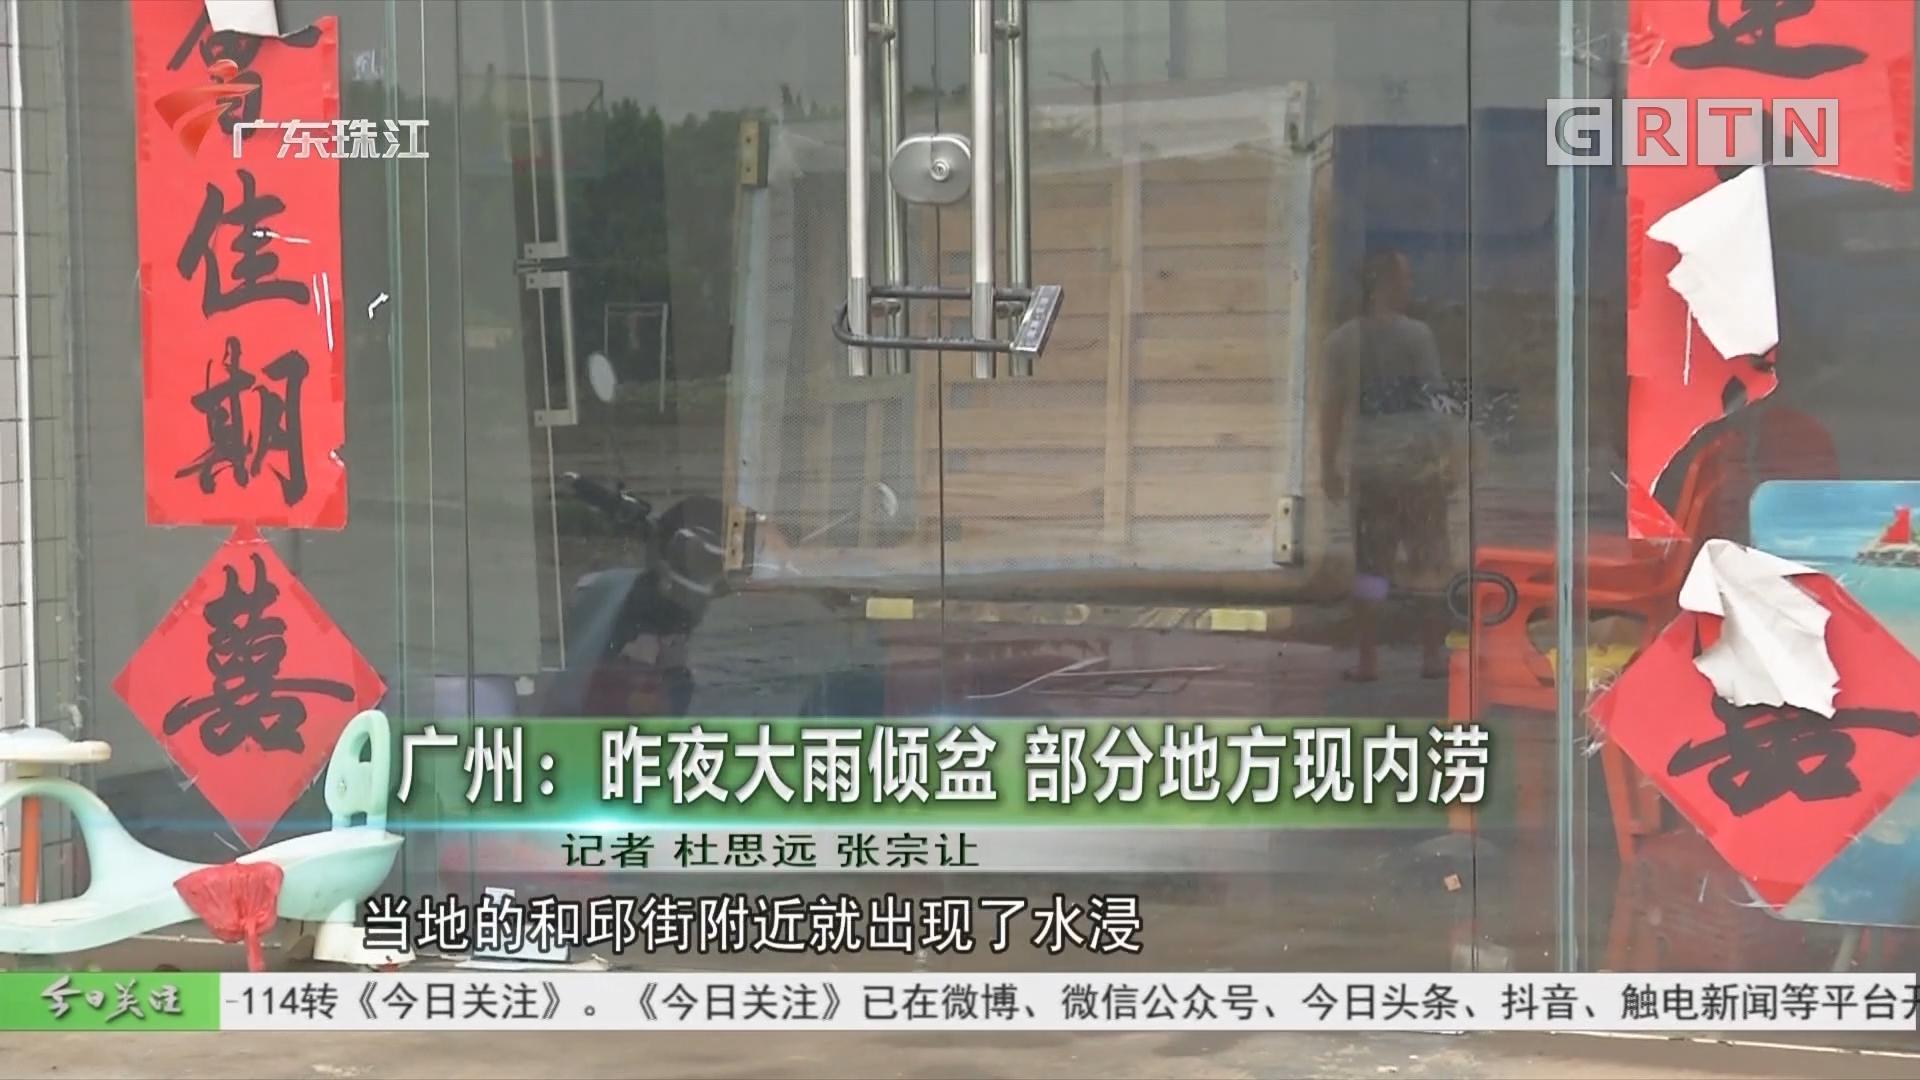 广州:昨夜大雨倾盆 部分地方现内涝